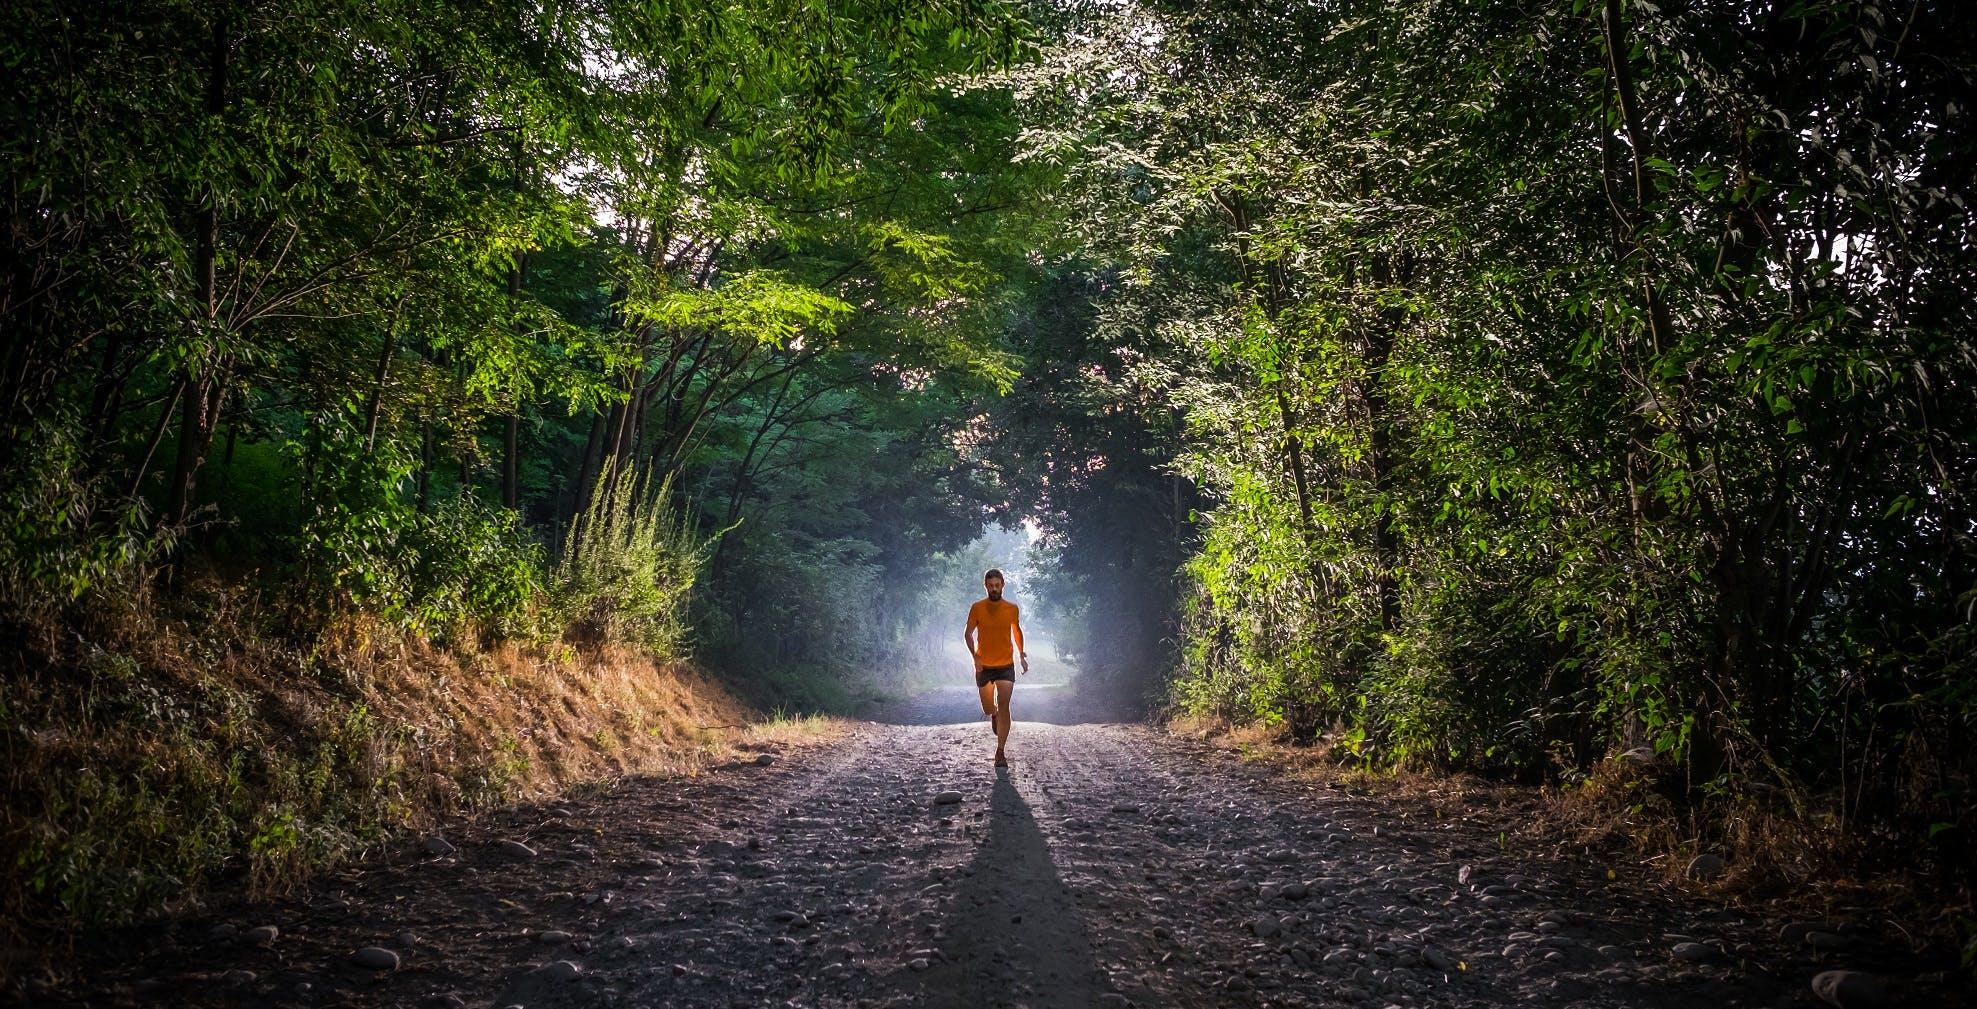 Τρέξιμο είναι κι ο έρωτας, αλλά και το τρέξιμο είναι έρωτας...